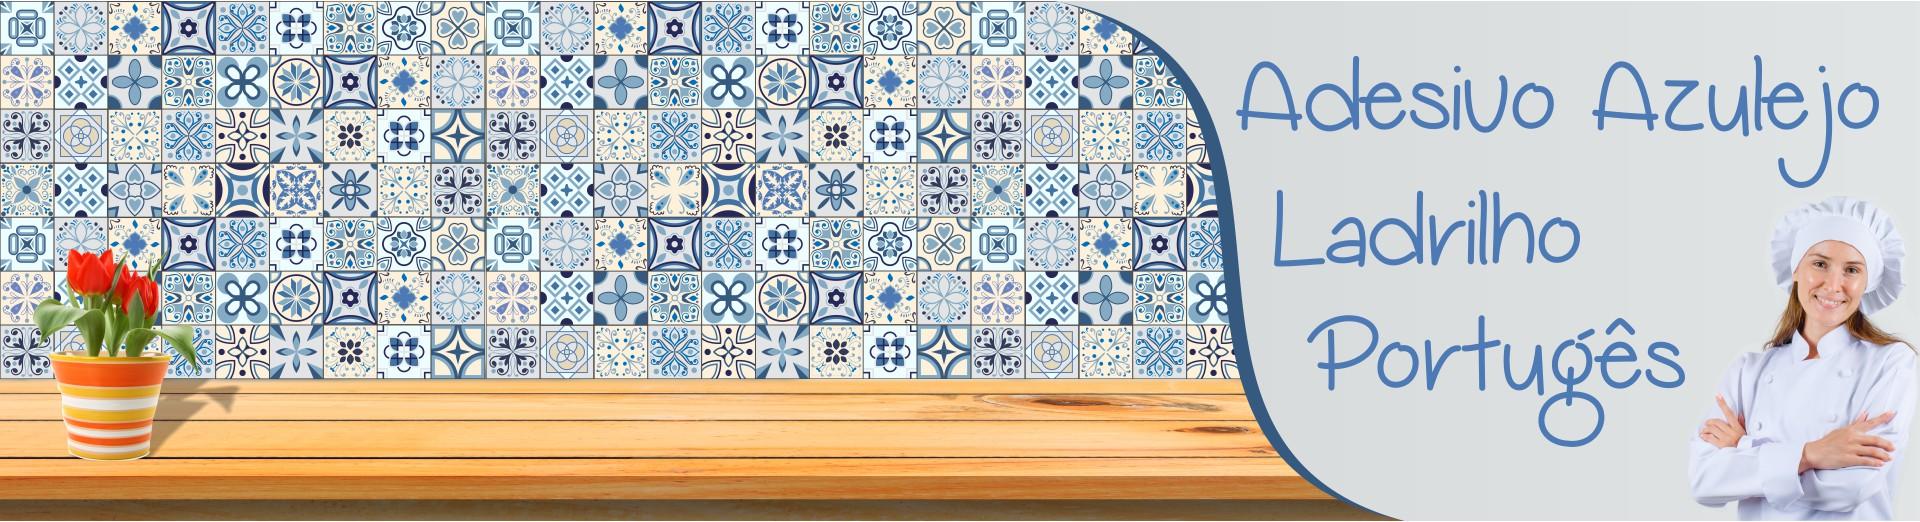 Adesivo Azulejo Ladrilho Hidráulico